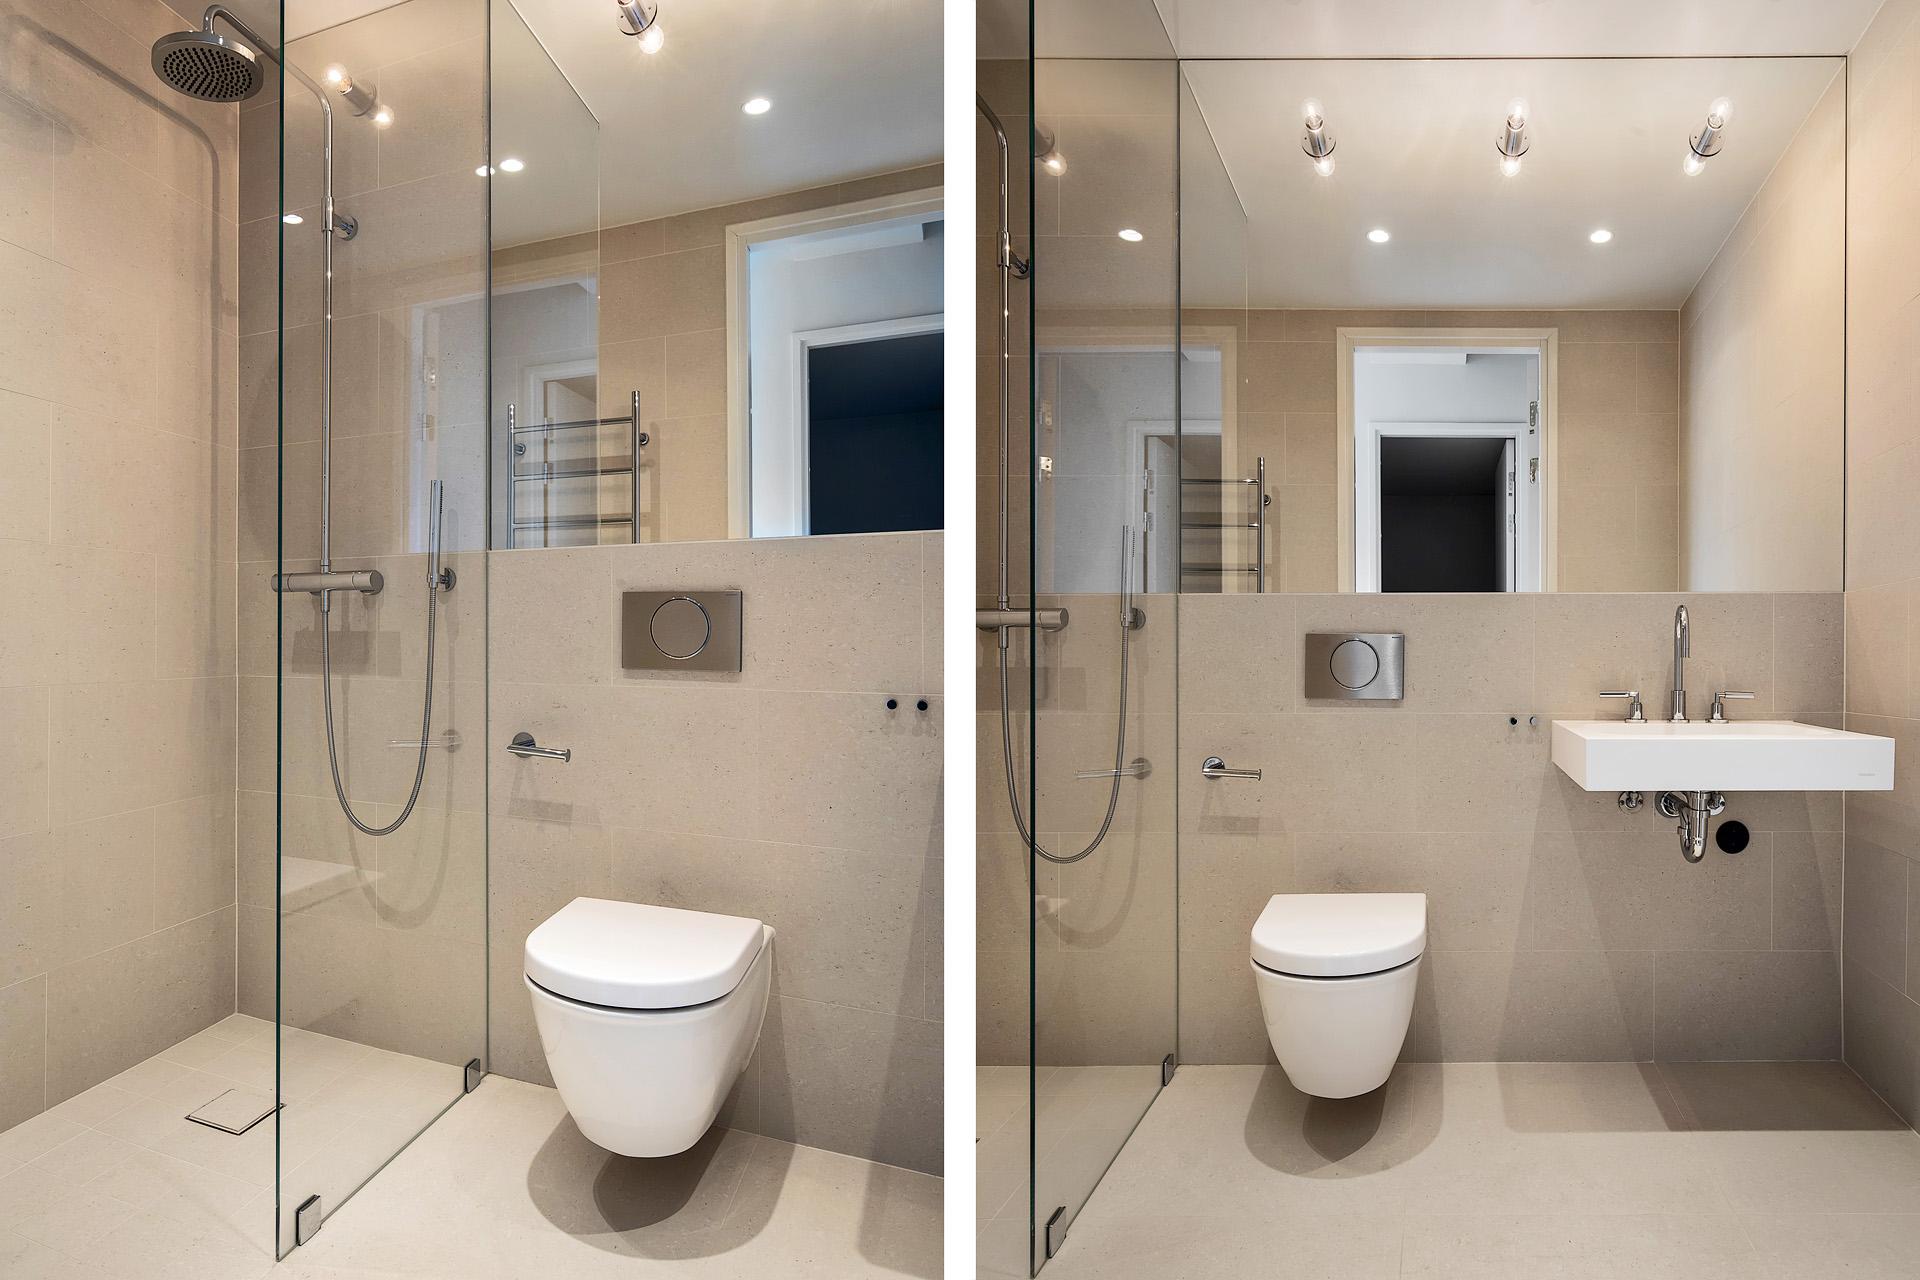 Minimalstische lichte badkamers van een voormalige radiofabriek